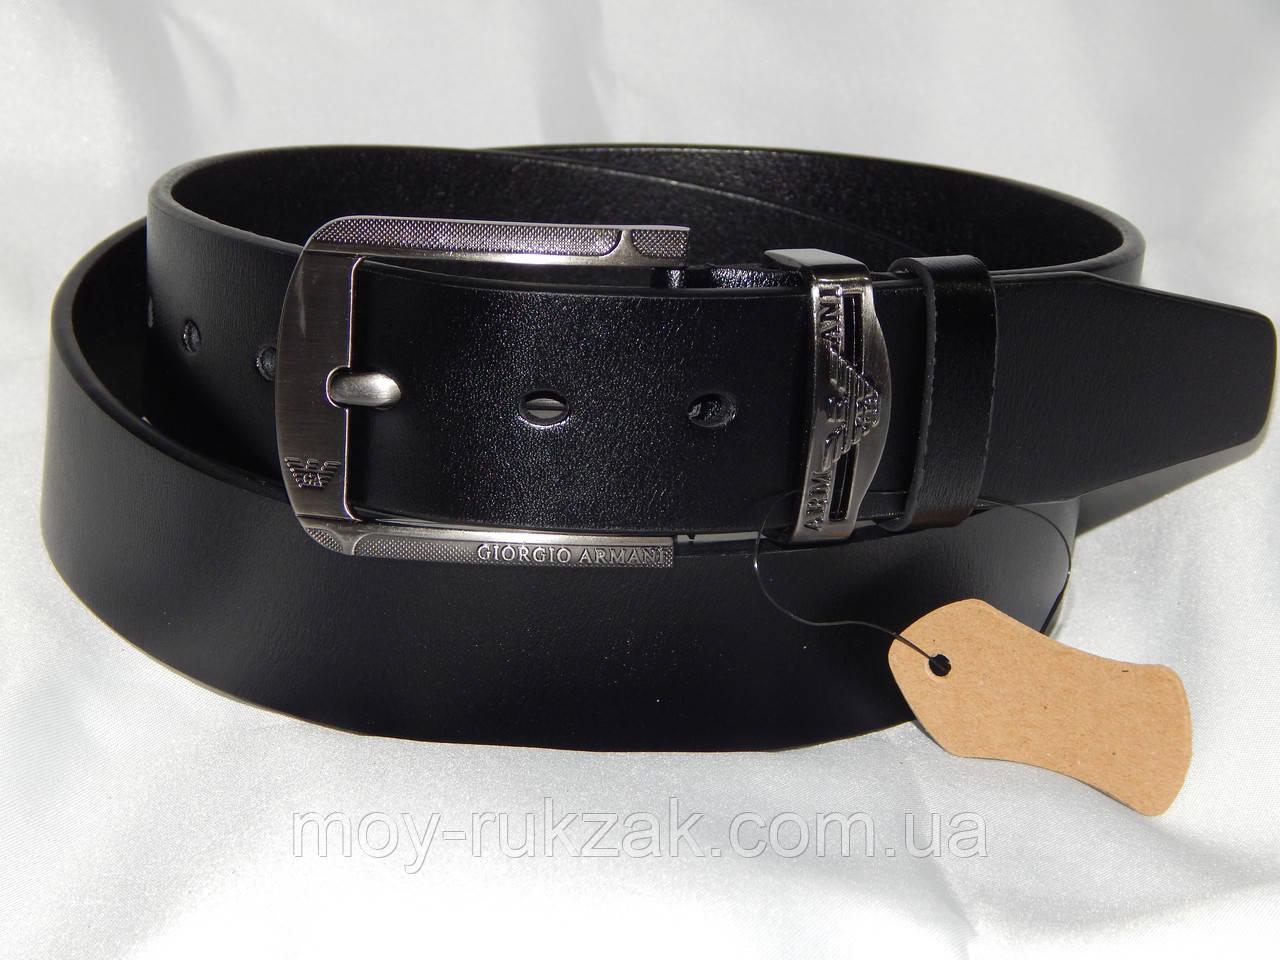 Ремень мужской кожаный Giorgio Armani ширина 40 мм. реплика 930595